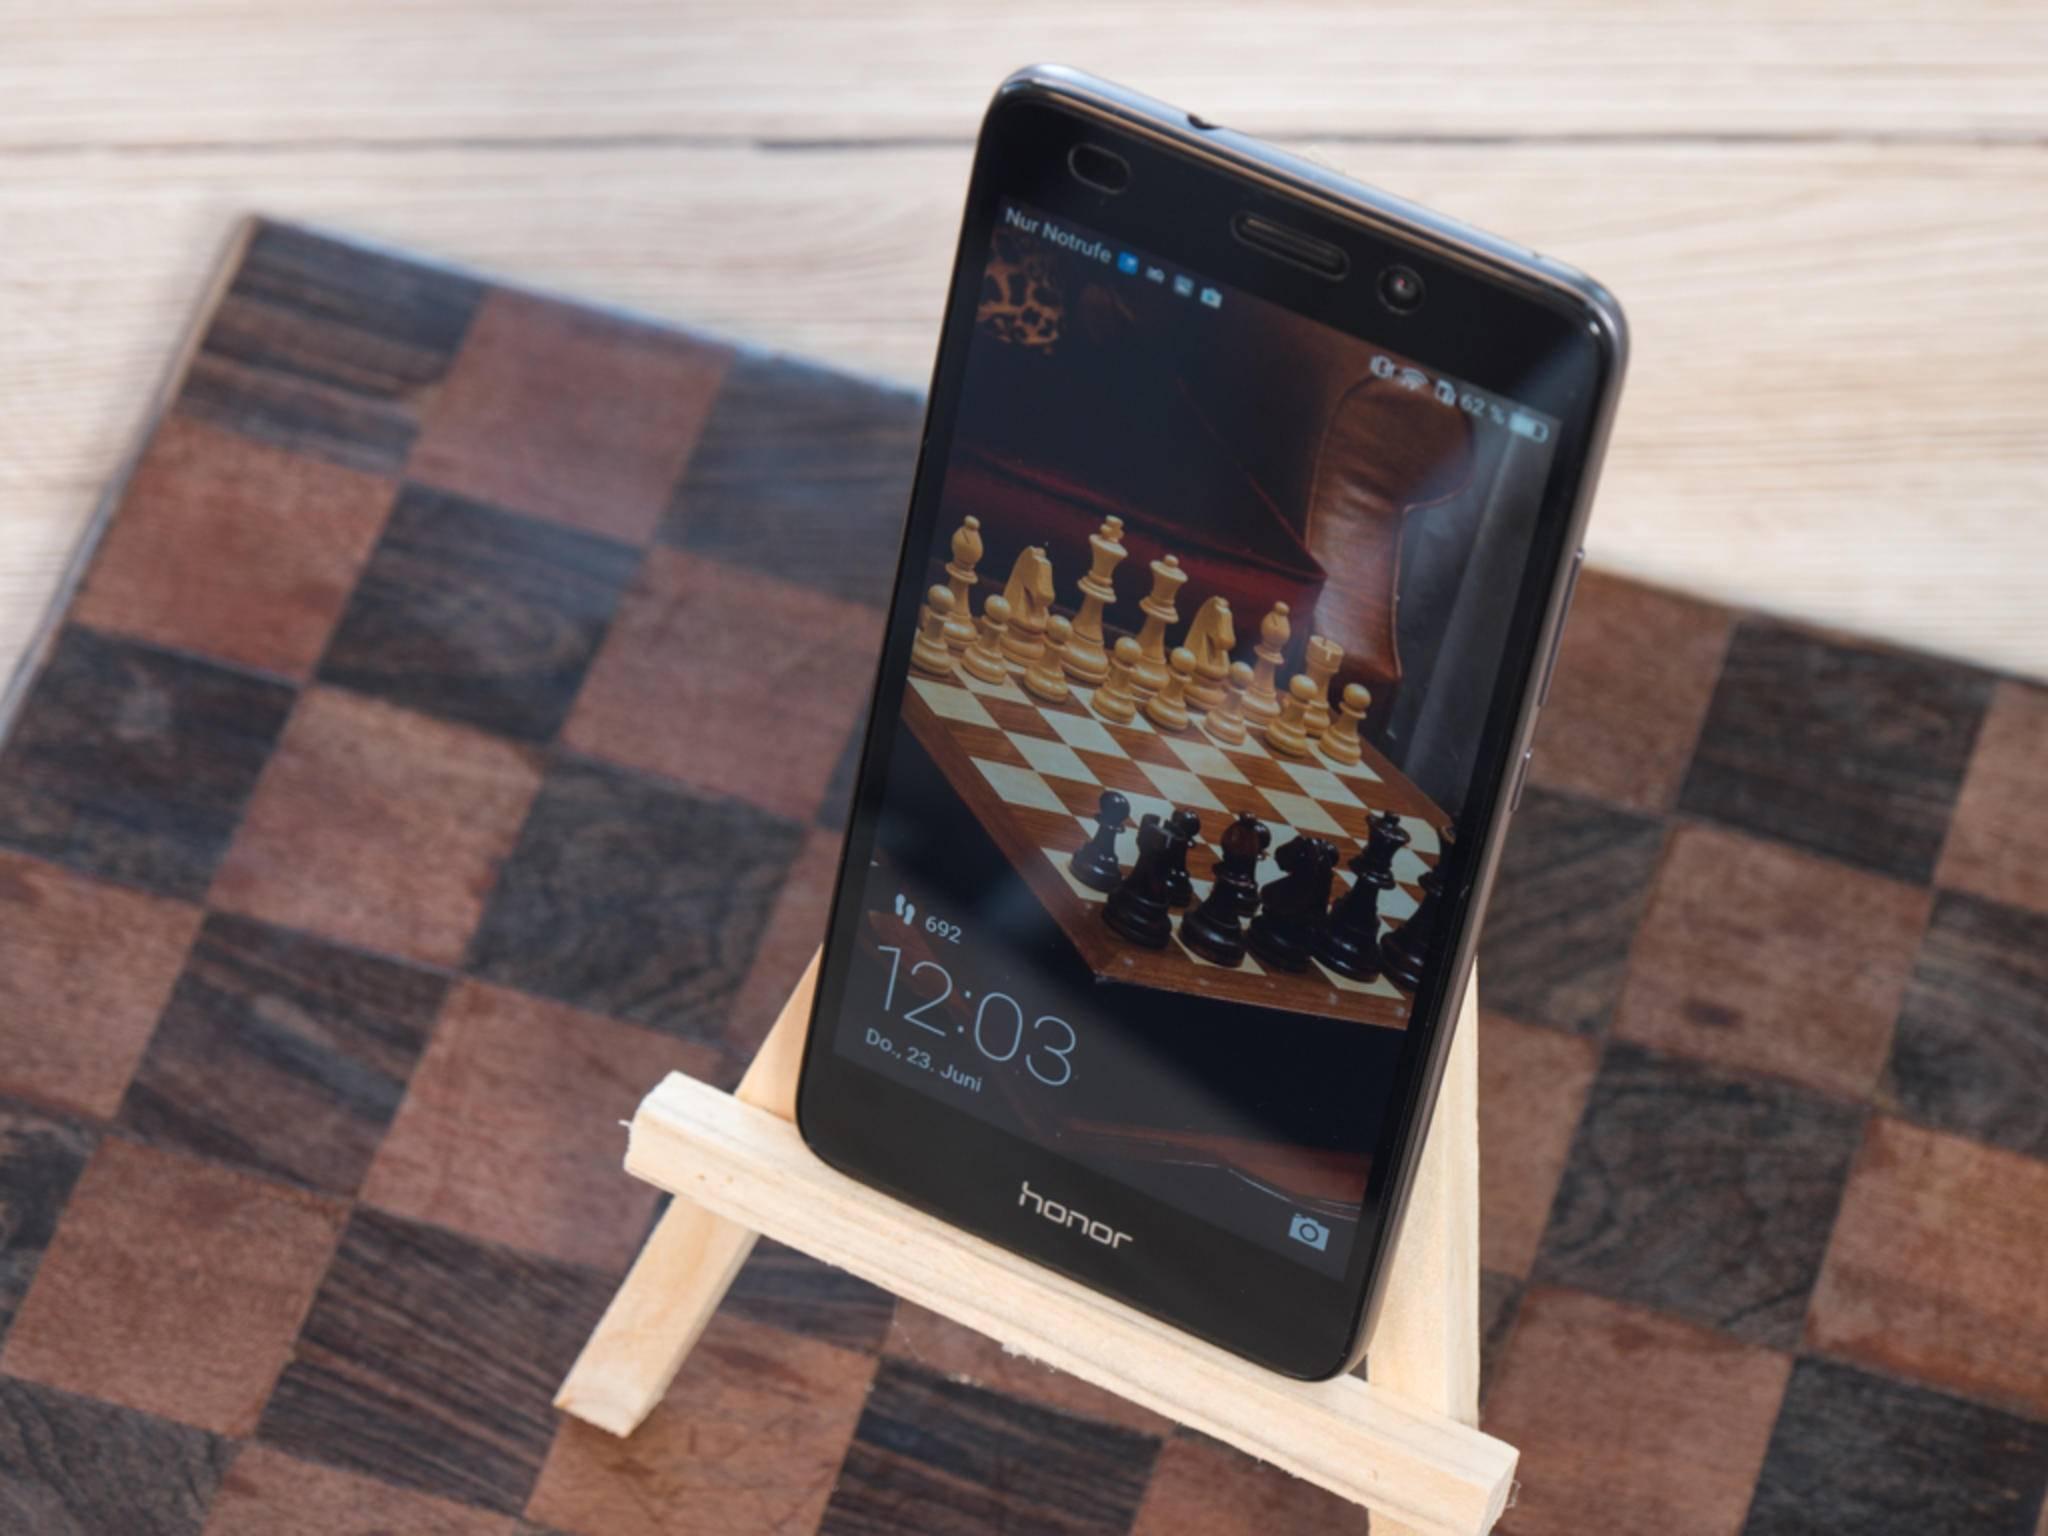 Das Honor 5C besitzt dieselbe Oberfläche wie Huawei-Modelle.